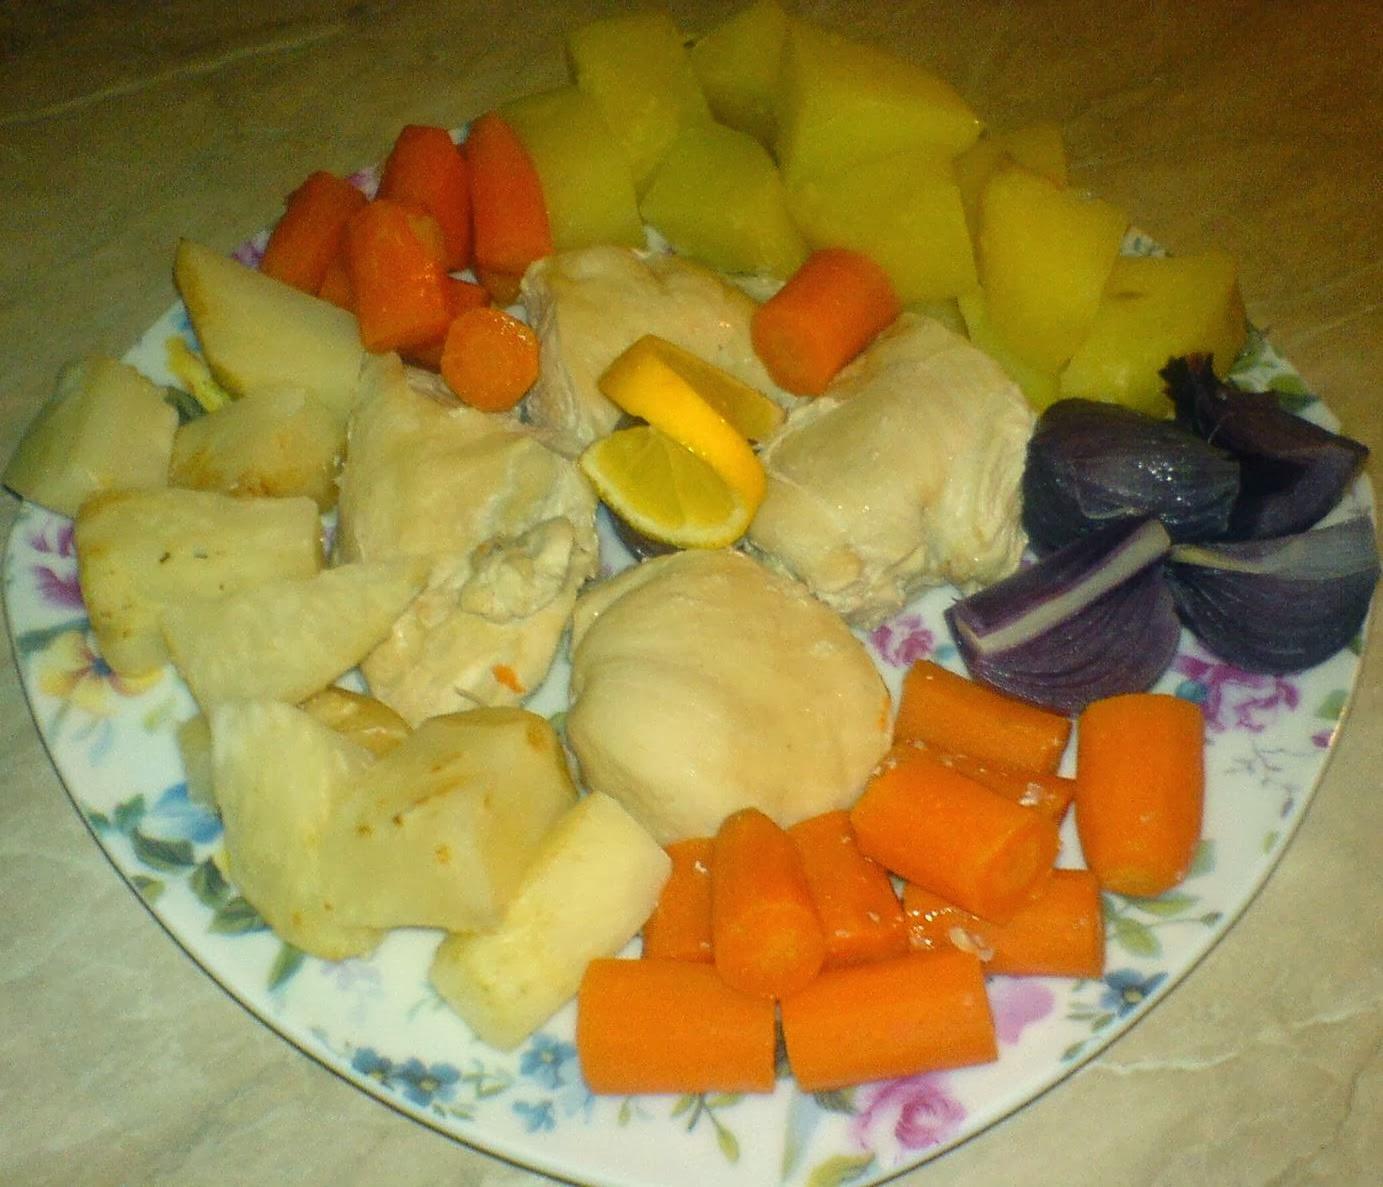 pui cu legume la aburi, retete culinare, retete de mancare, sanatate, nutritie, slabire, diete, regim alimentar, mancaruri la aburi din acrne si legume,